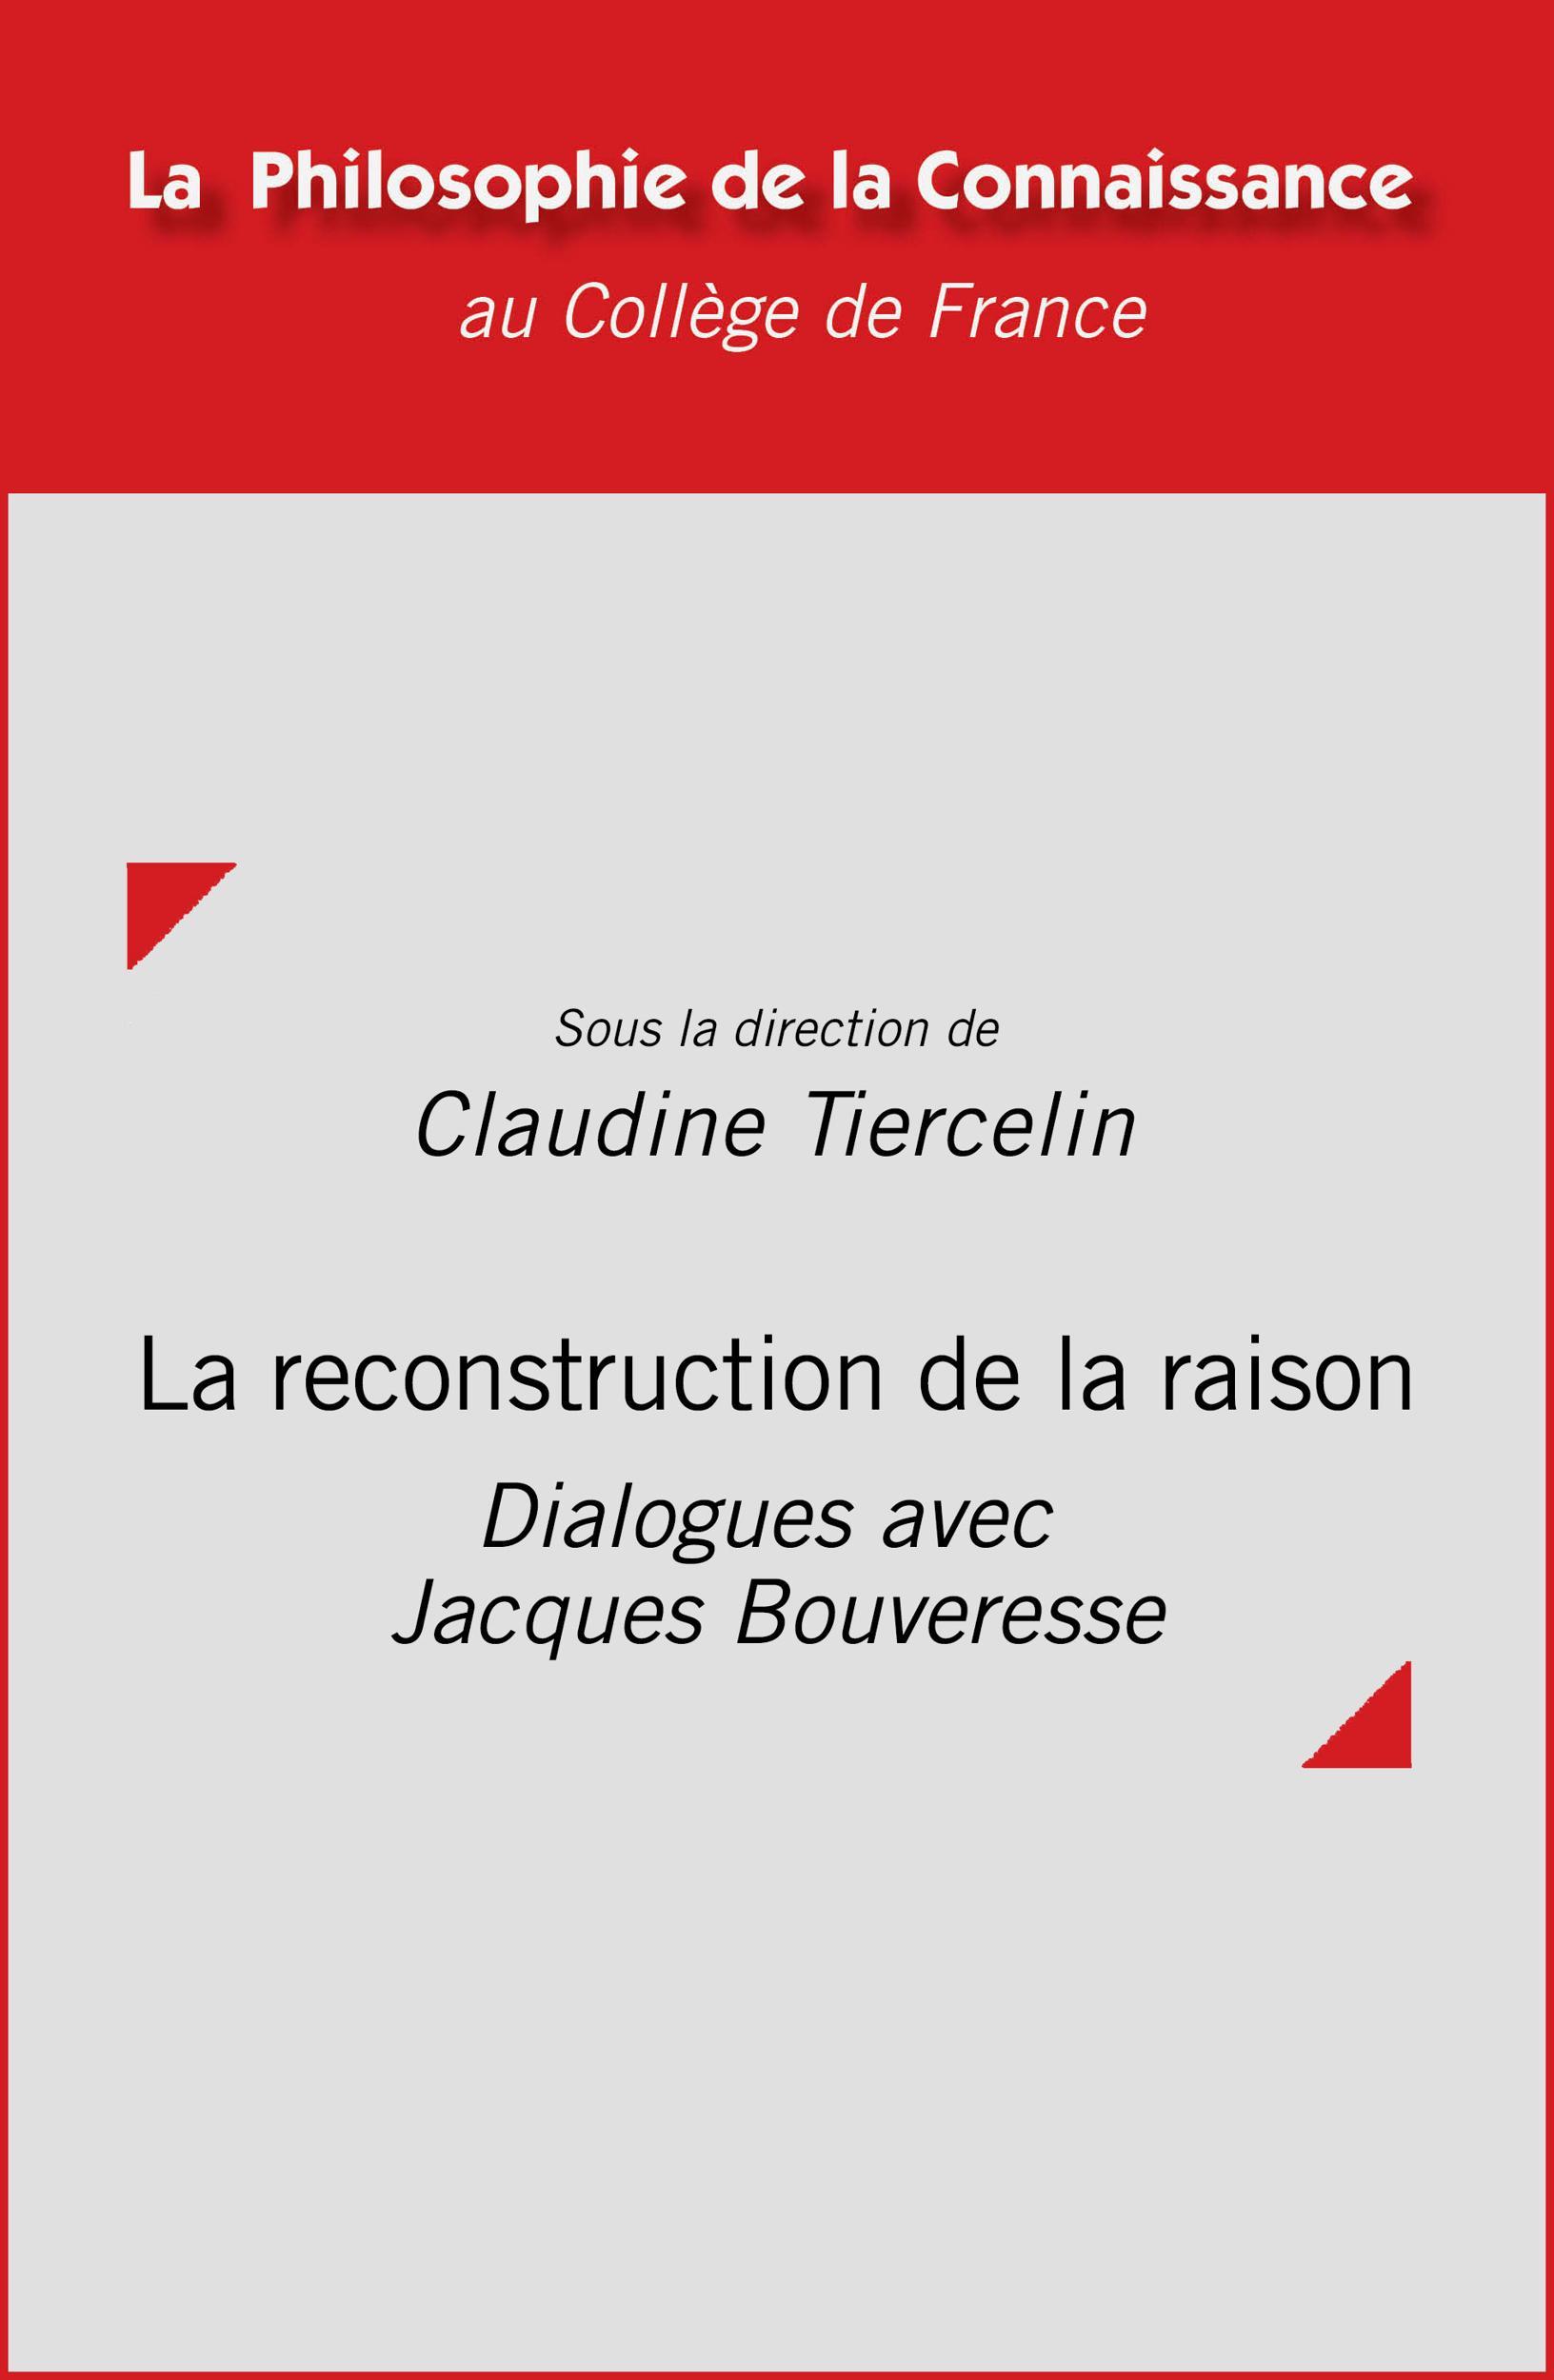 La reconstruction de la raison, DIALOGUES AVEC JACQUES BOUVERESSE